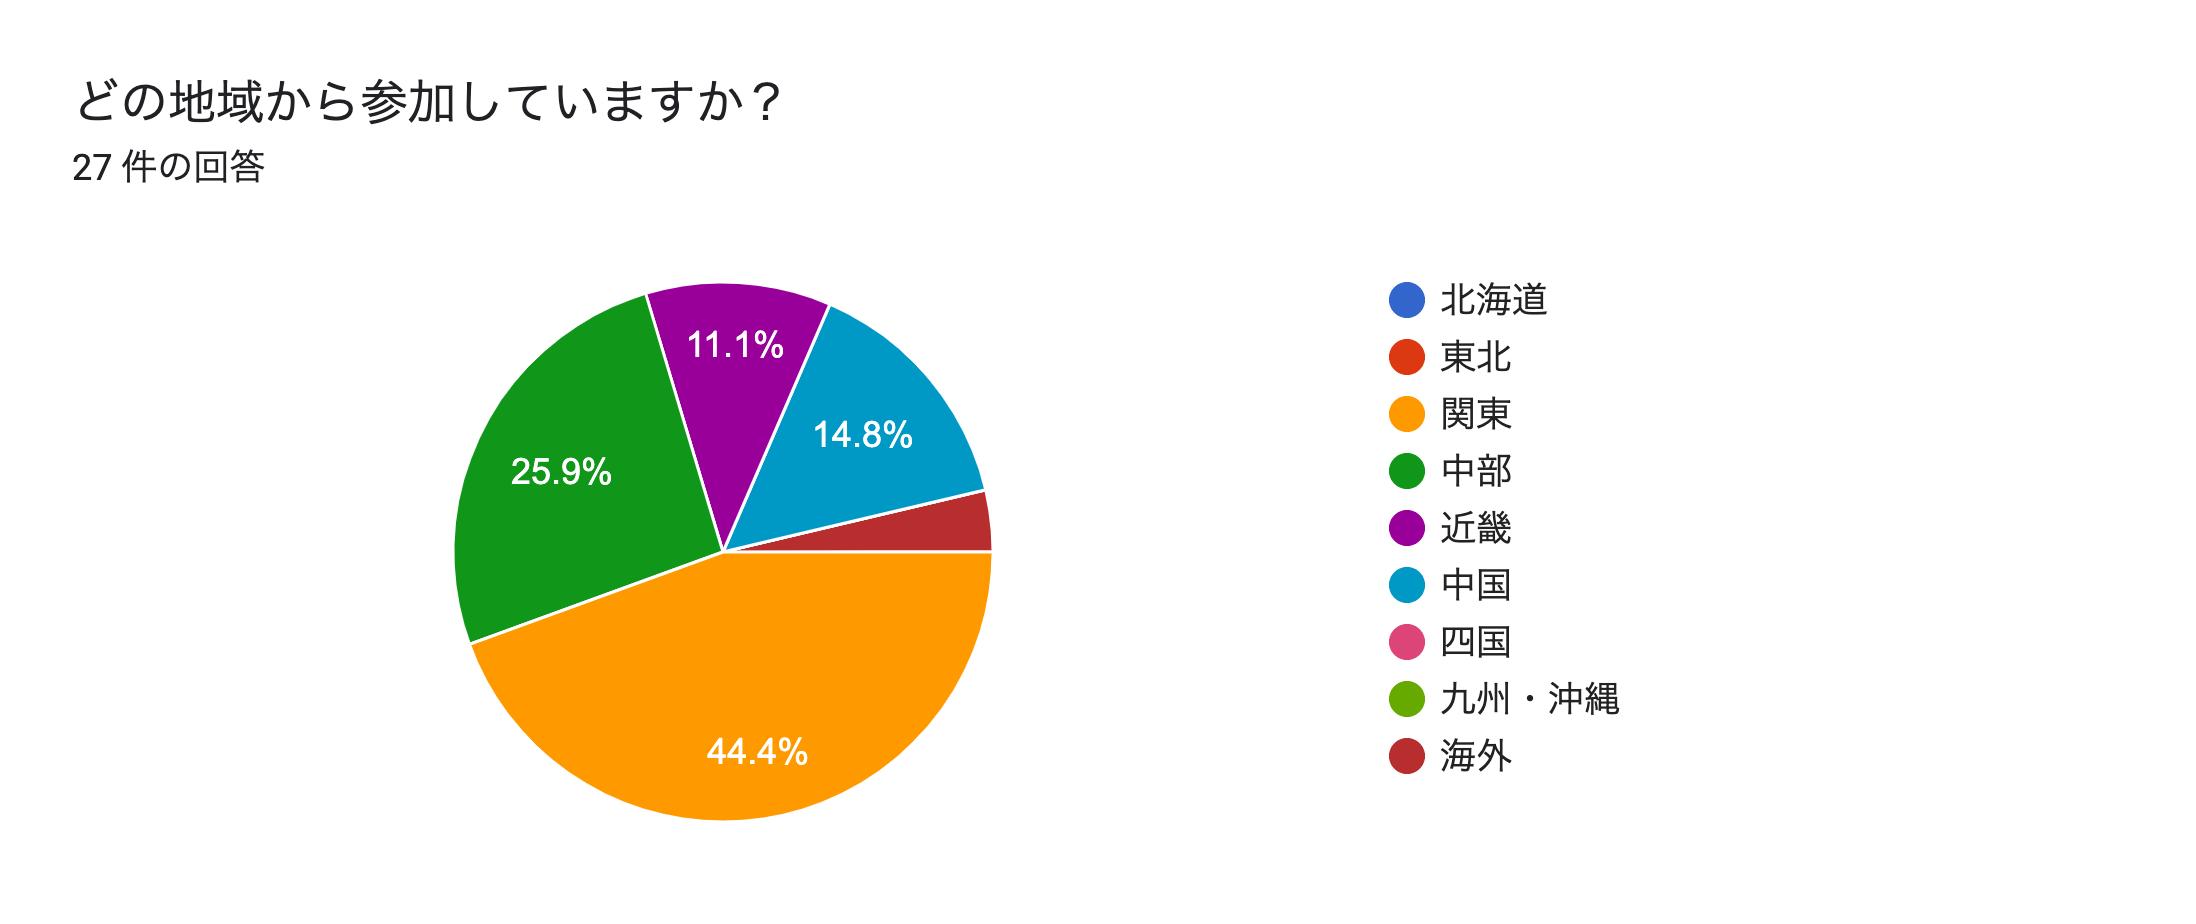 フォームの回答のグラフ。質問のタイトル: どの地域から参加していますか?。回答数: 27 件の回答。